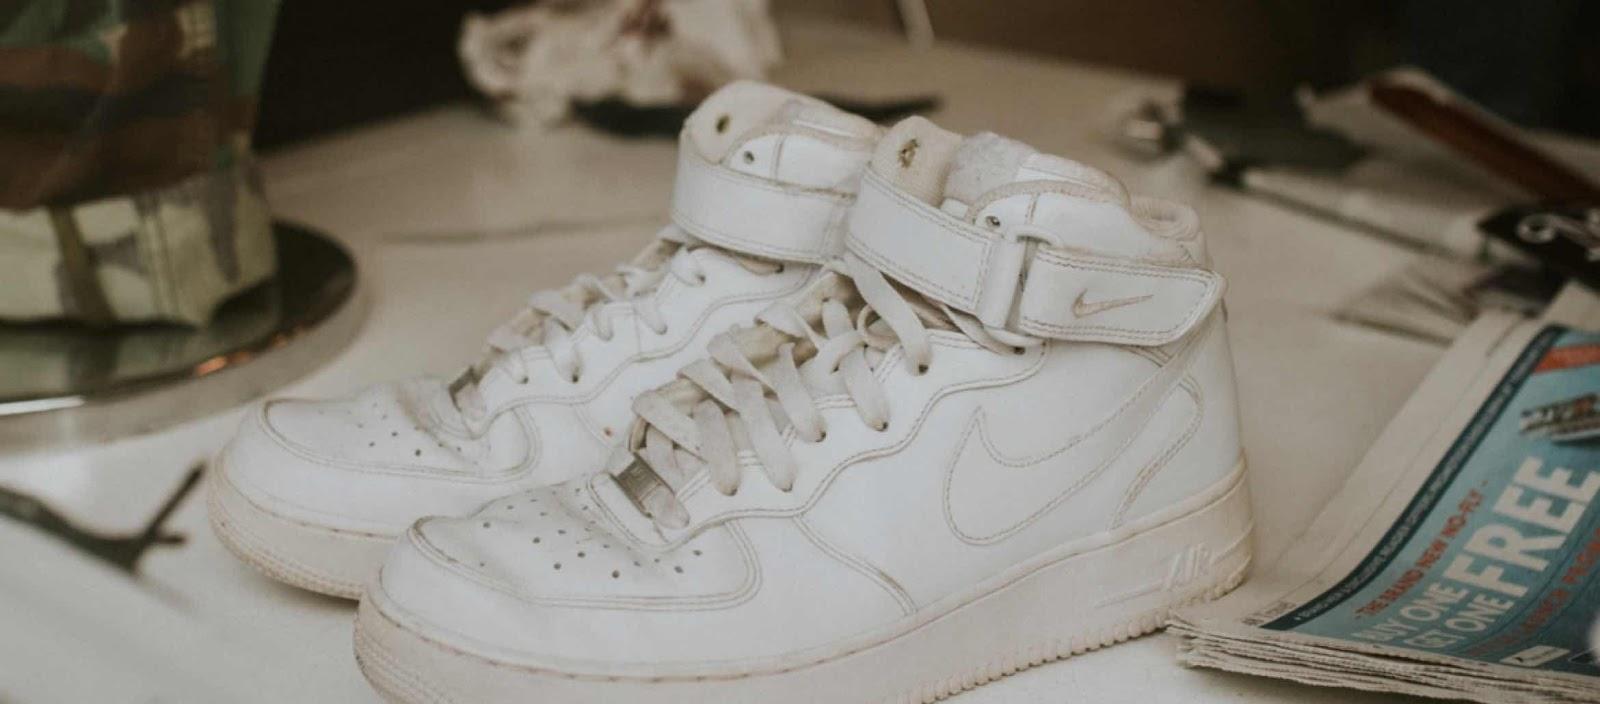 antipieghe scarpe air force 1